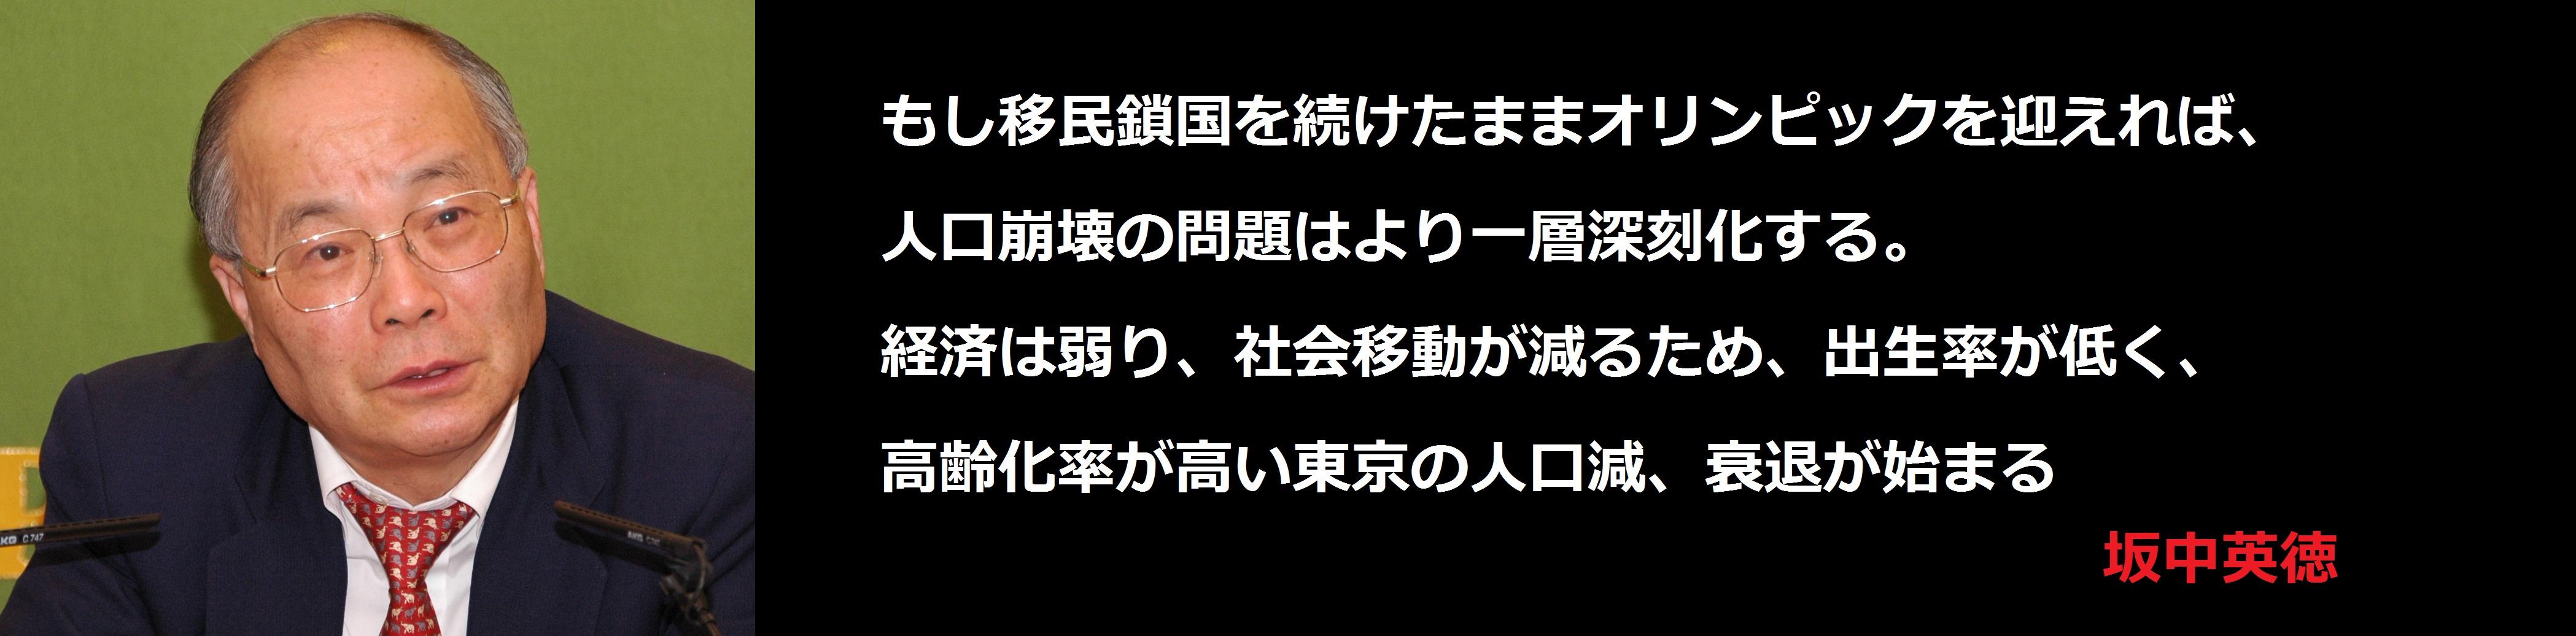 f:id:JAPbuster:20170218235953j:plain